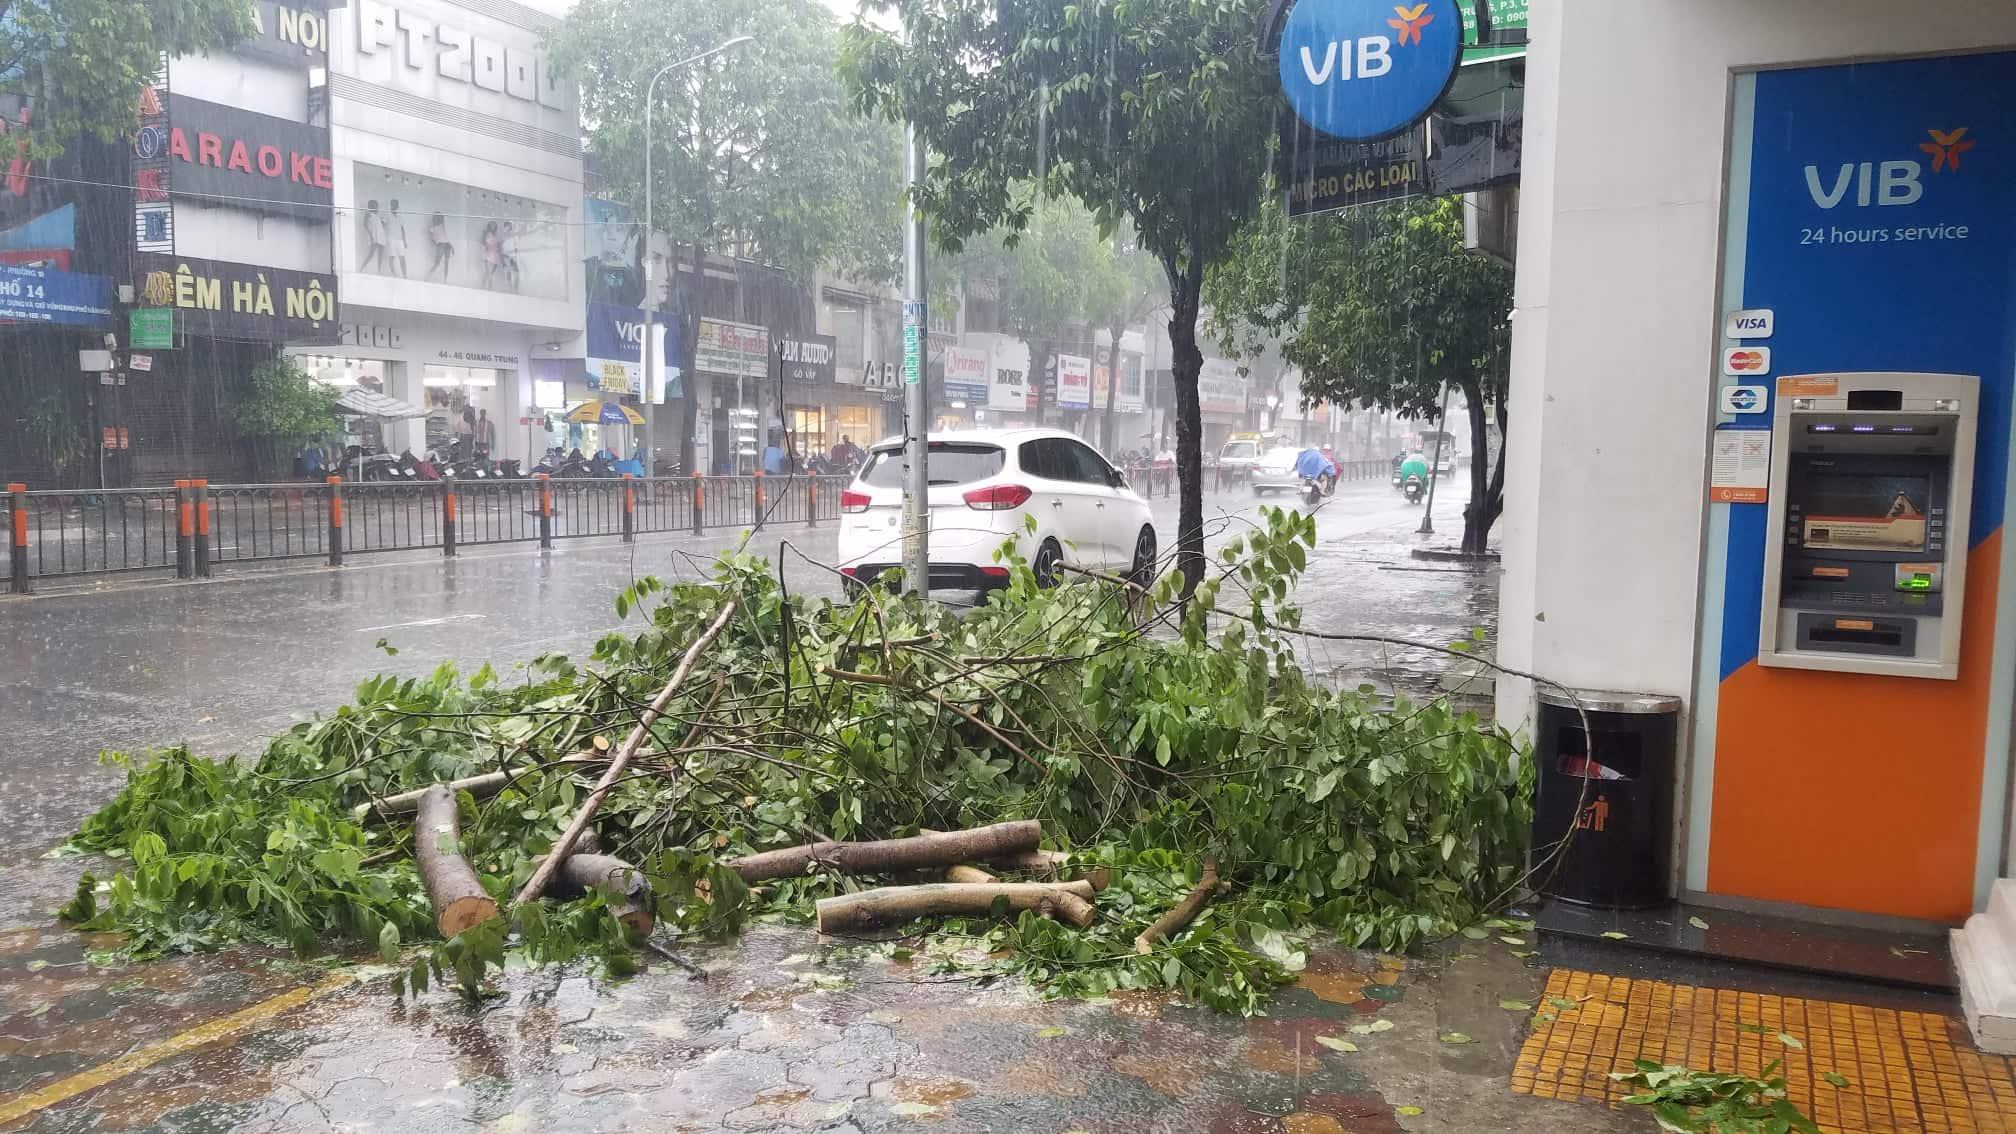 Sài Gòn mưa như trút nước, du khách thoải mái dạo mưa chụp ảnh - Ảnh 11